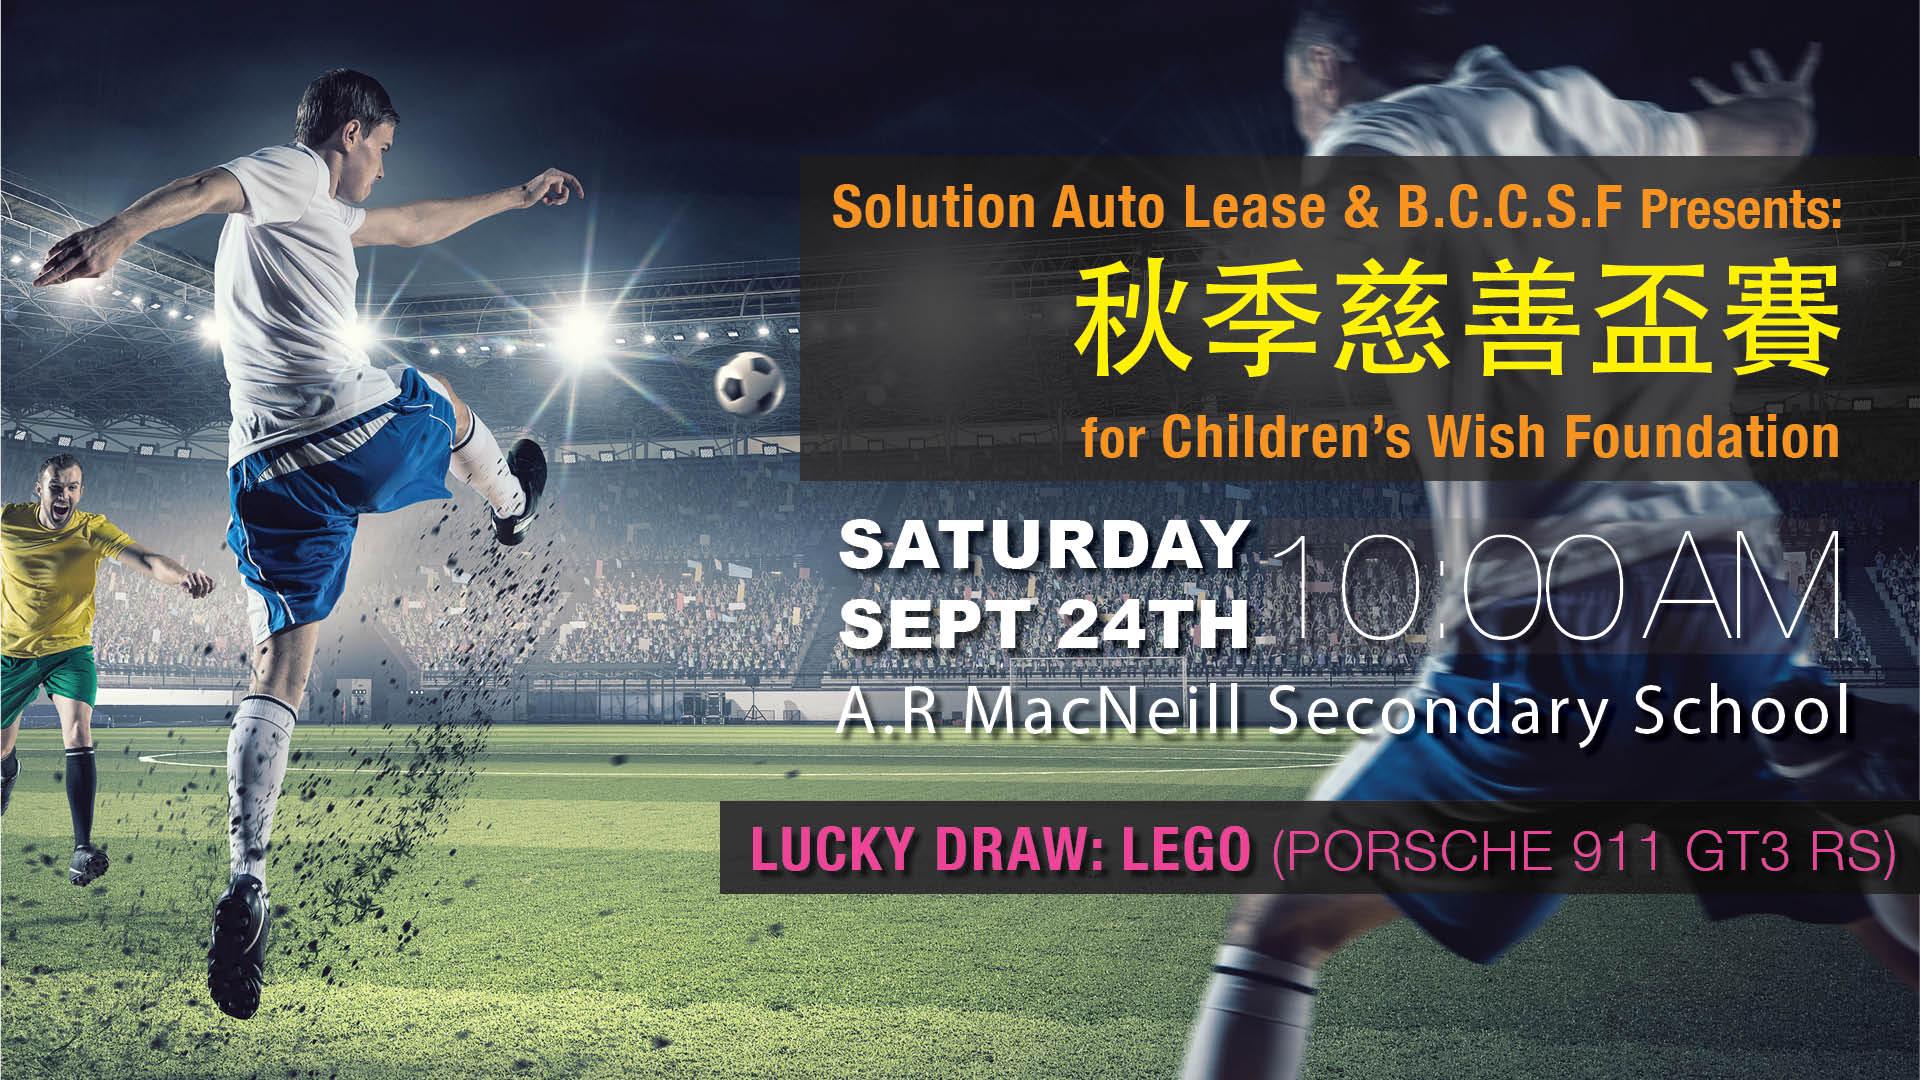 soccer-facebook-ads-3